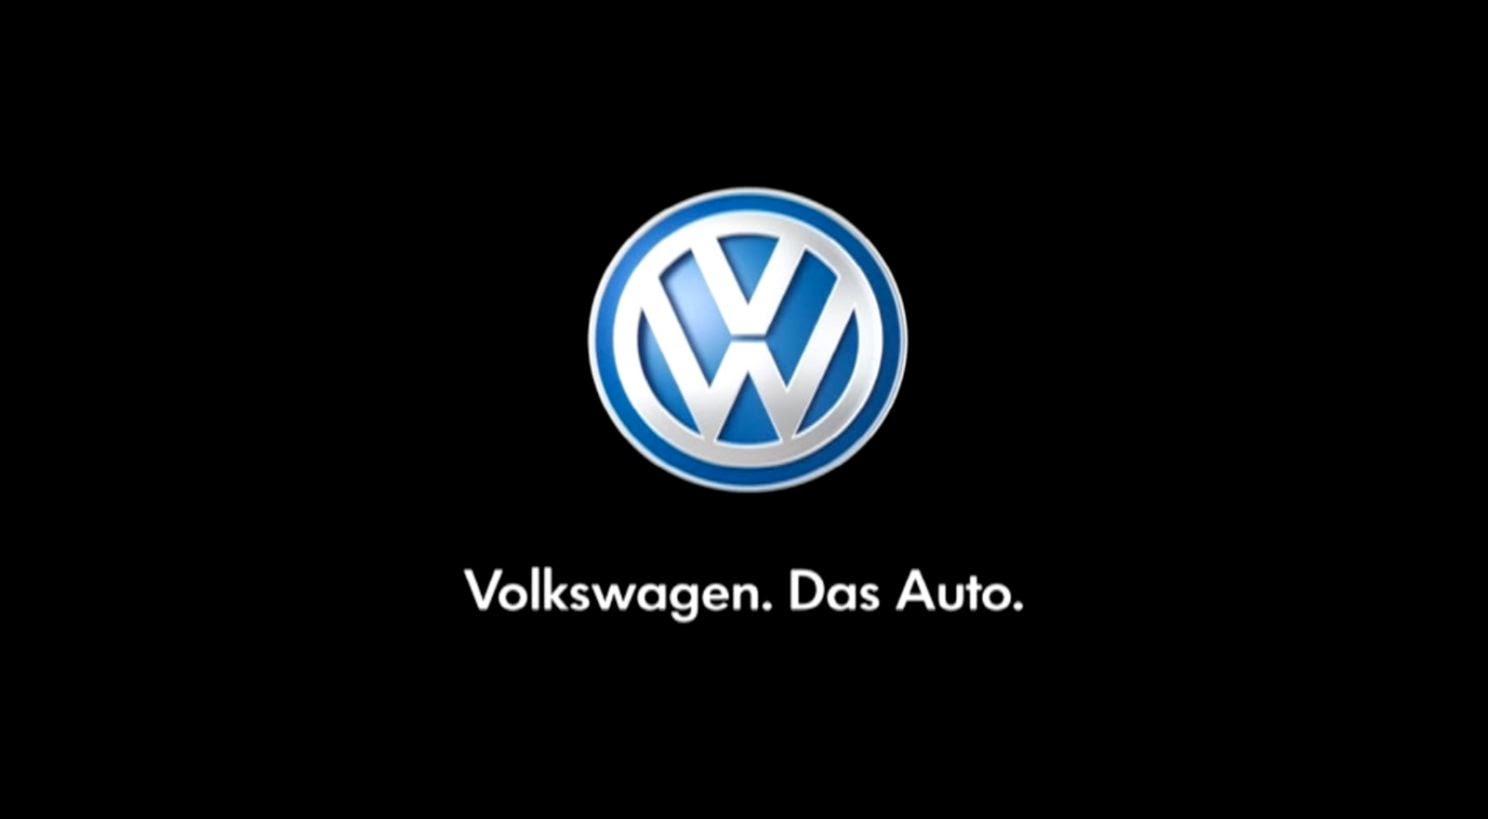 Volkswagen Das Auto Logo